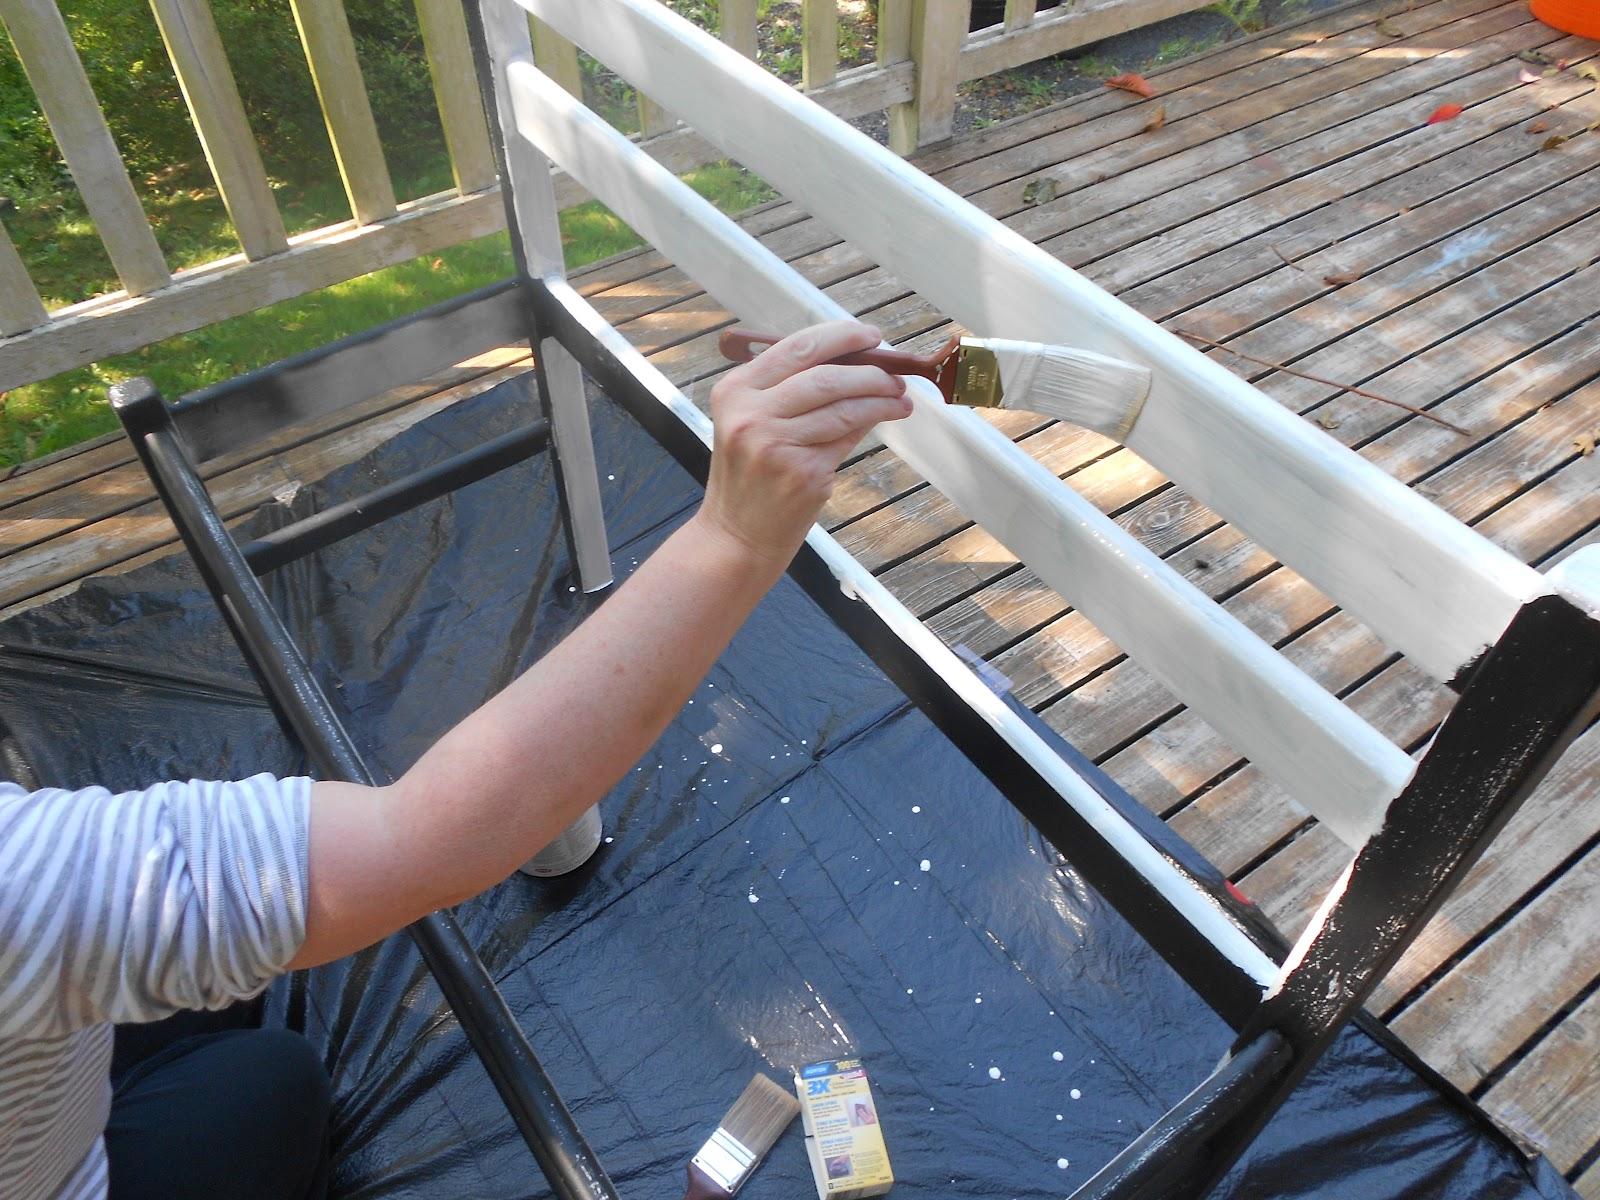 banco de madeira com assento de vidro, passando por processo de manutenção